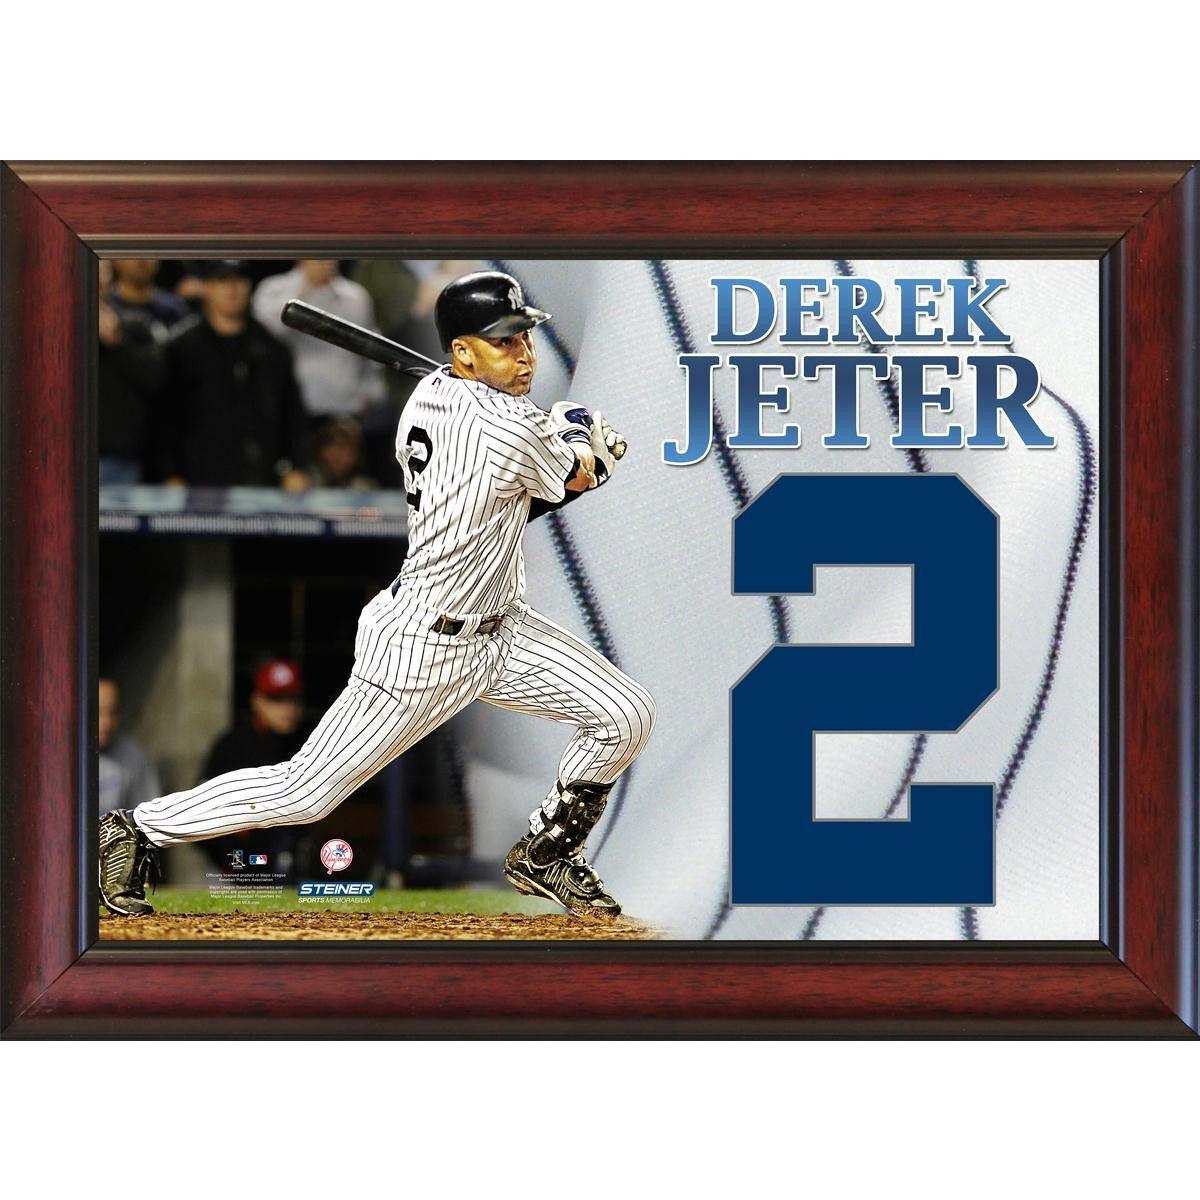 Derek Jeter 2 Jeter Number Framed 11x14 Collage (Actual Cloth Number)